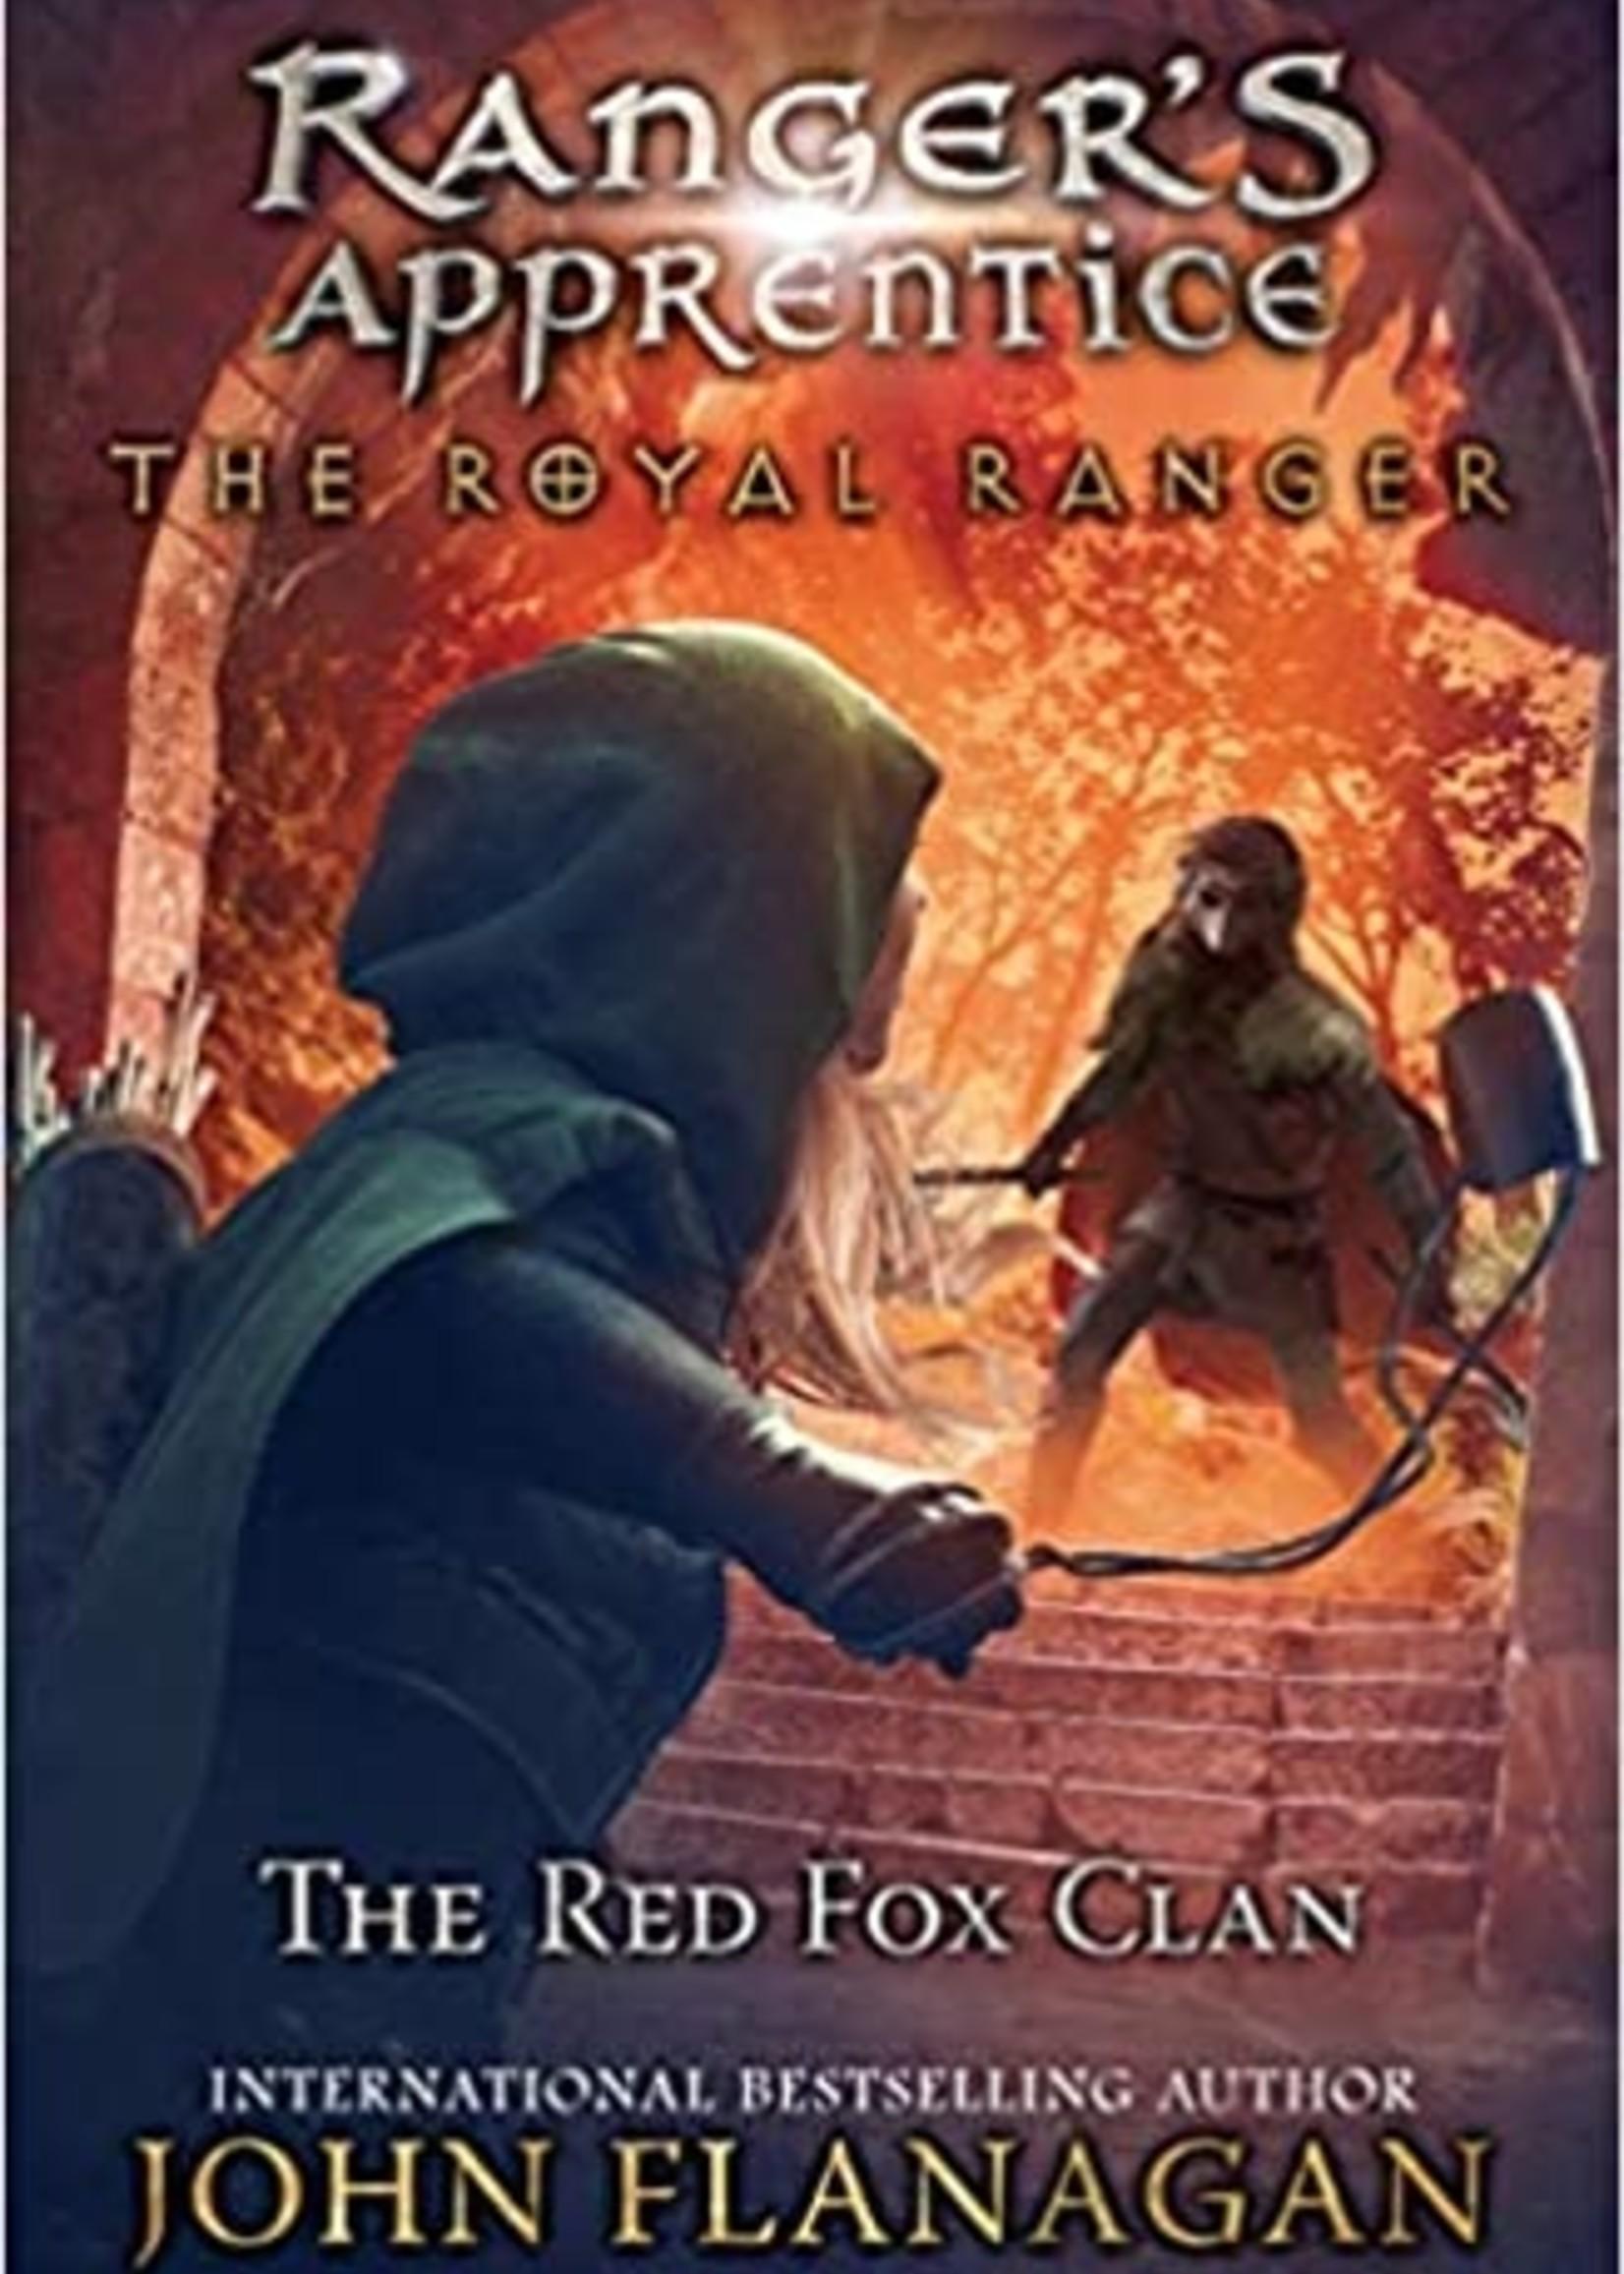 Ranger's Apprentice, The Royal Ranger #02, The Red Fox Clan - Paperback